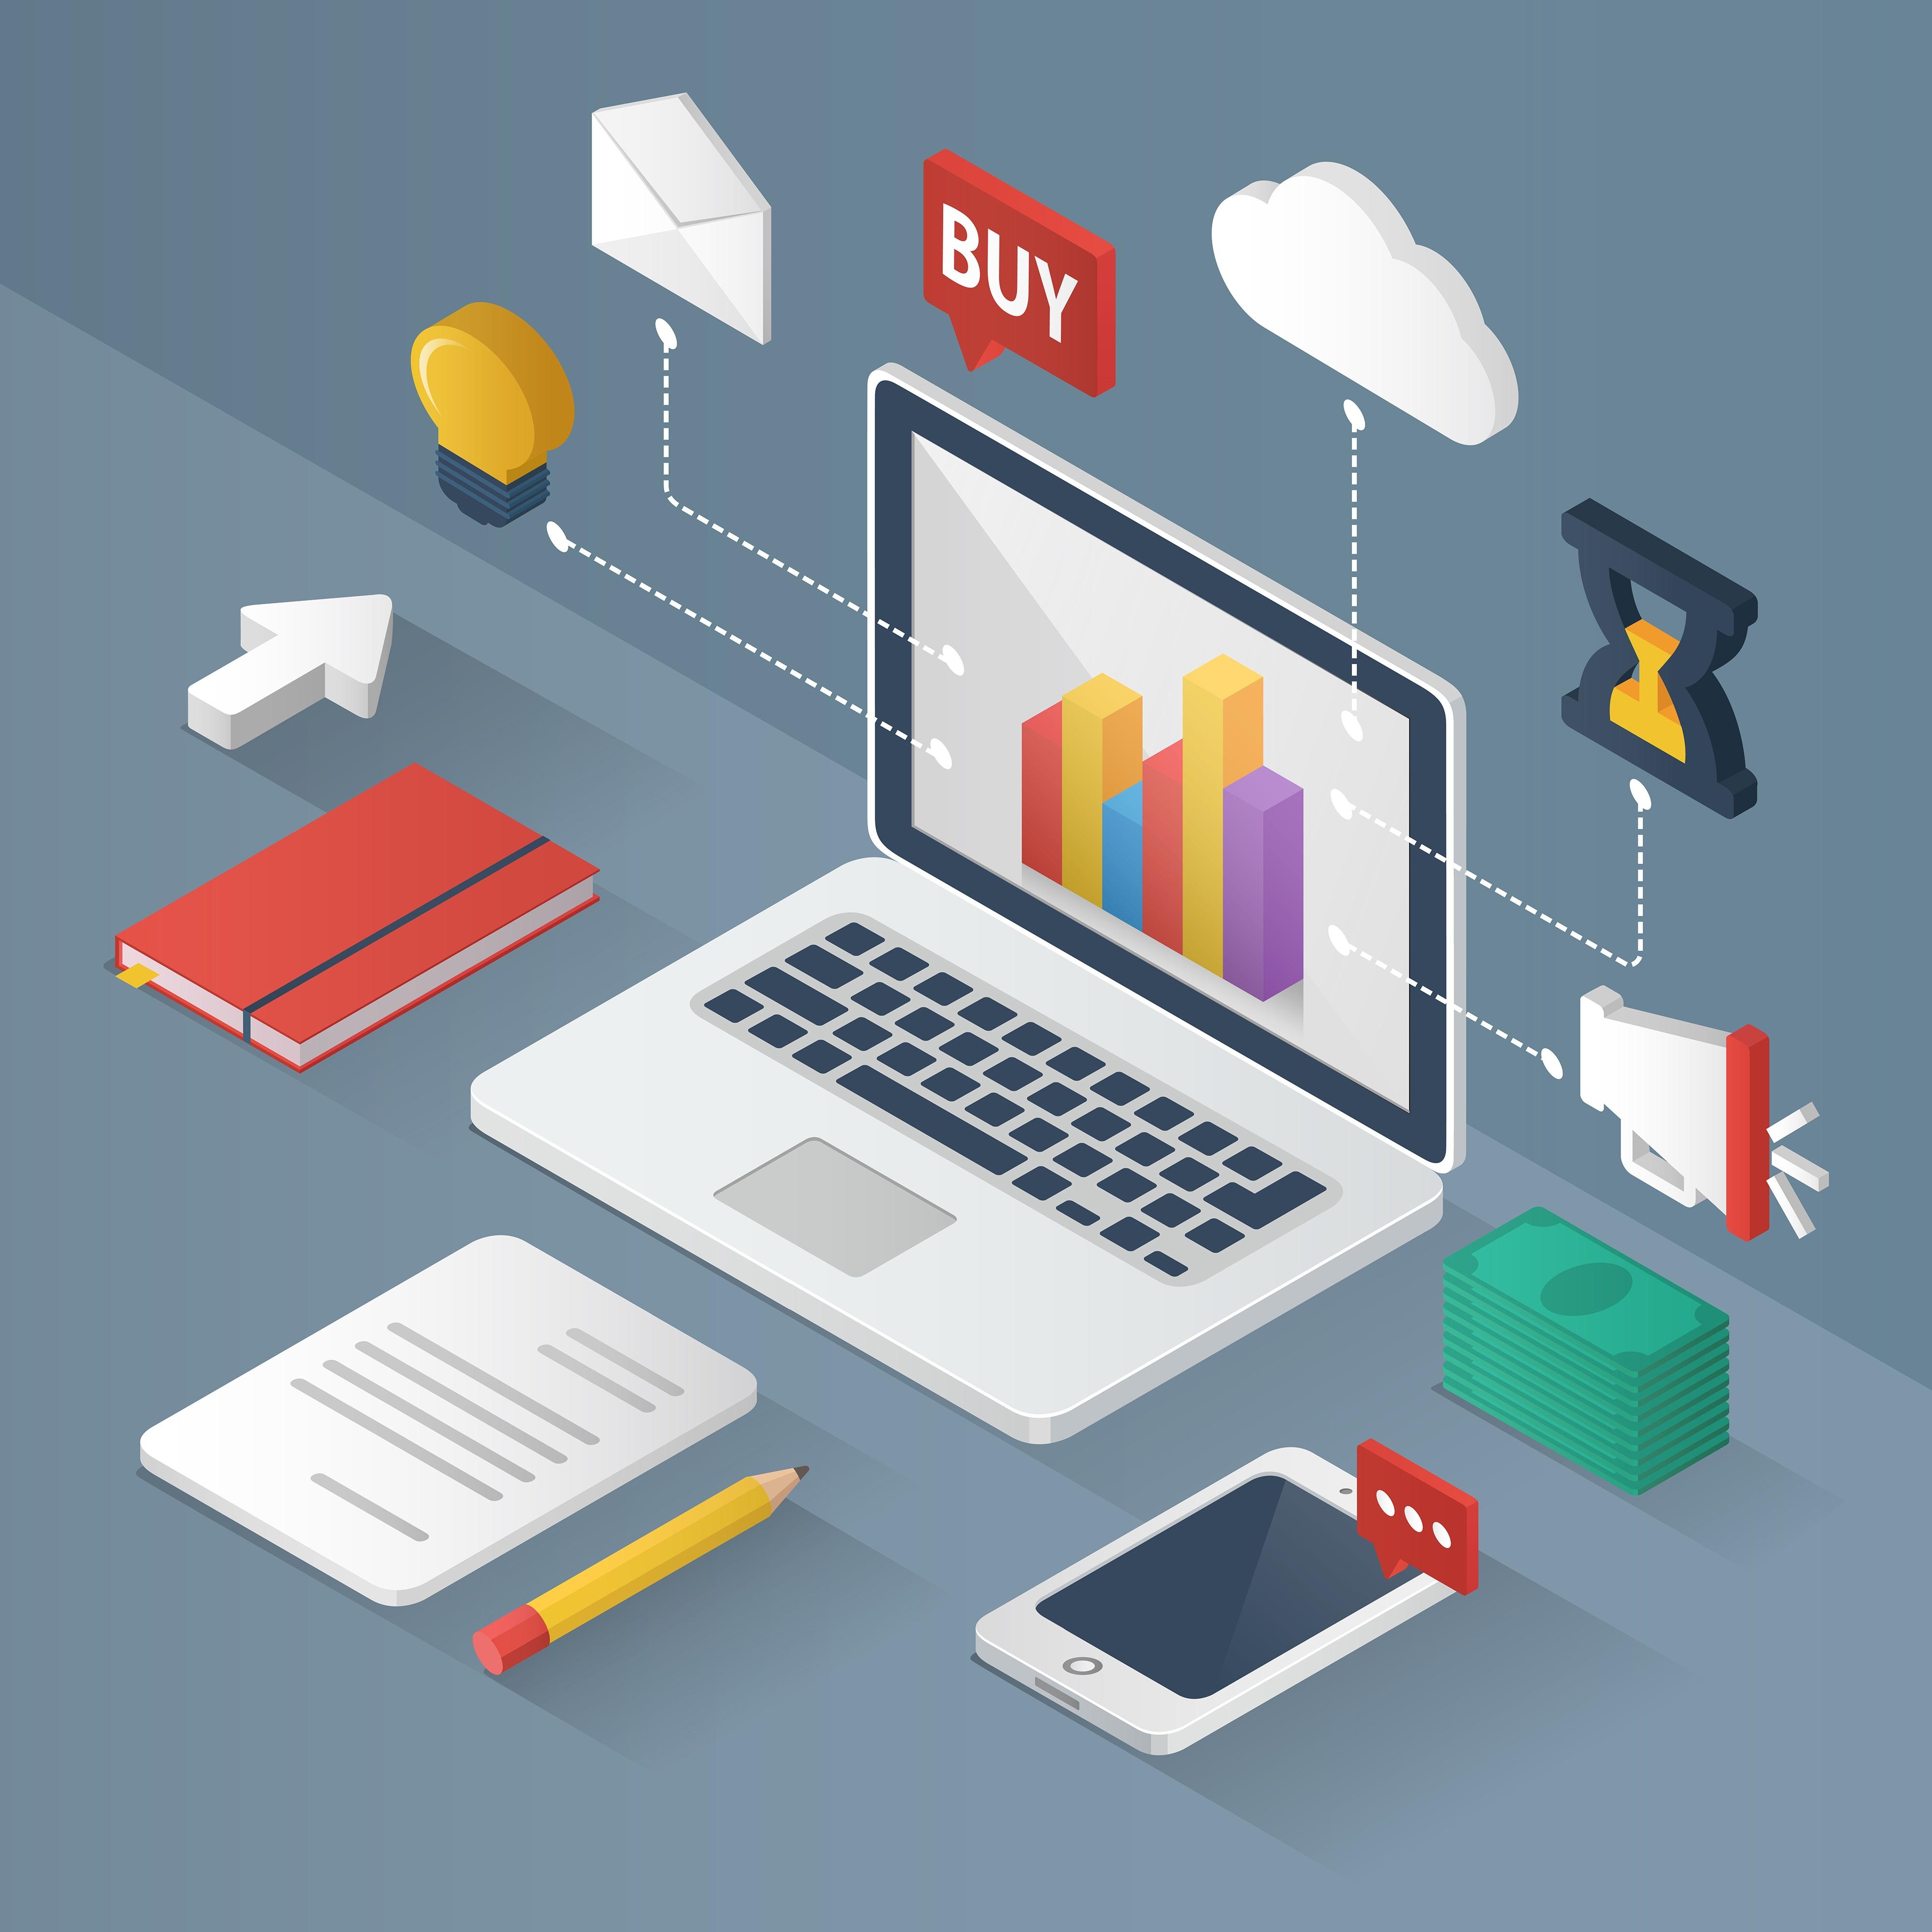 como-alinhar-as-campanhas-de-adwords-com-os-objetivos-da-estrategia-de-marketing